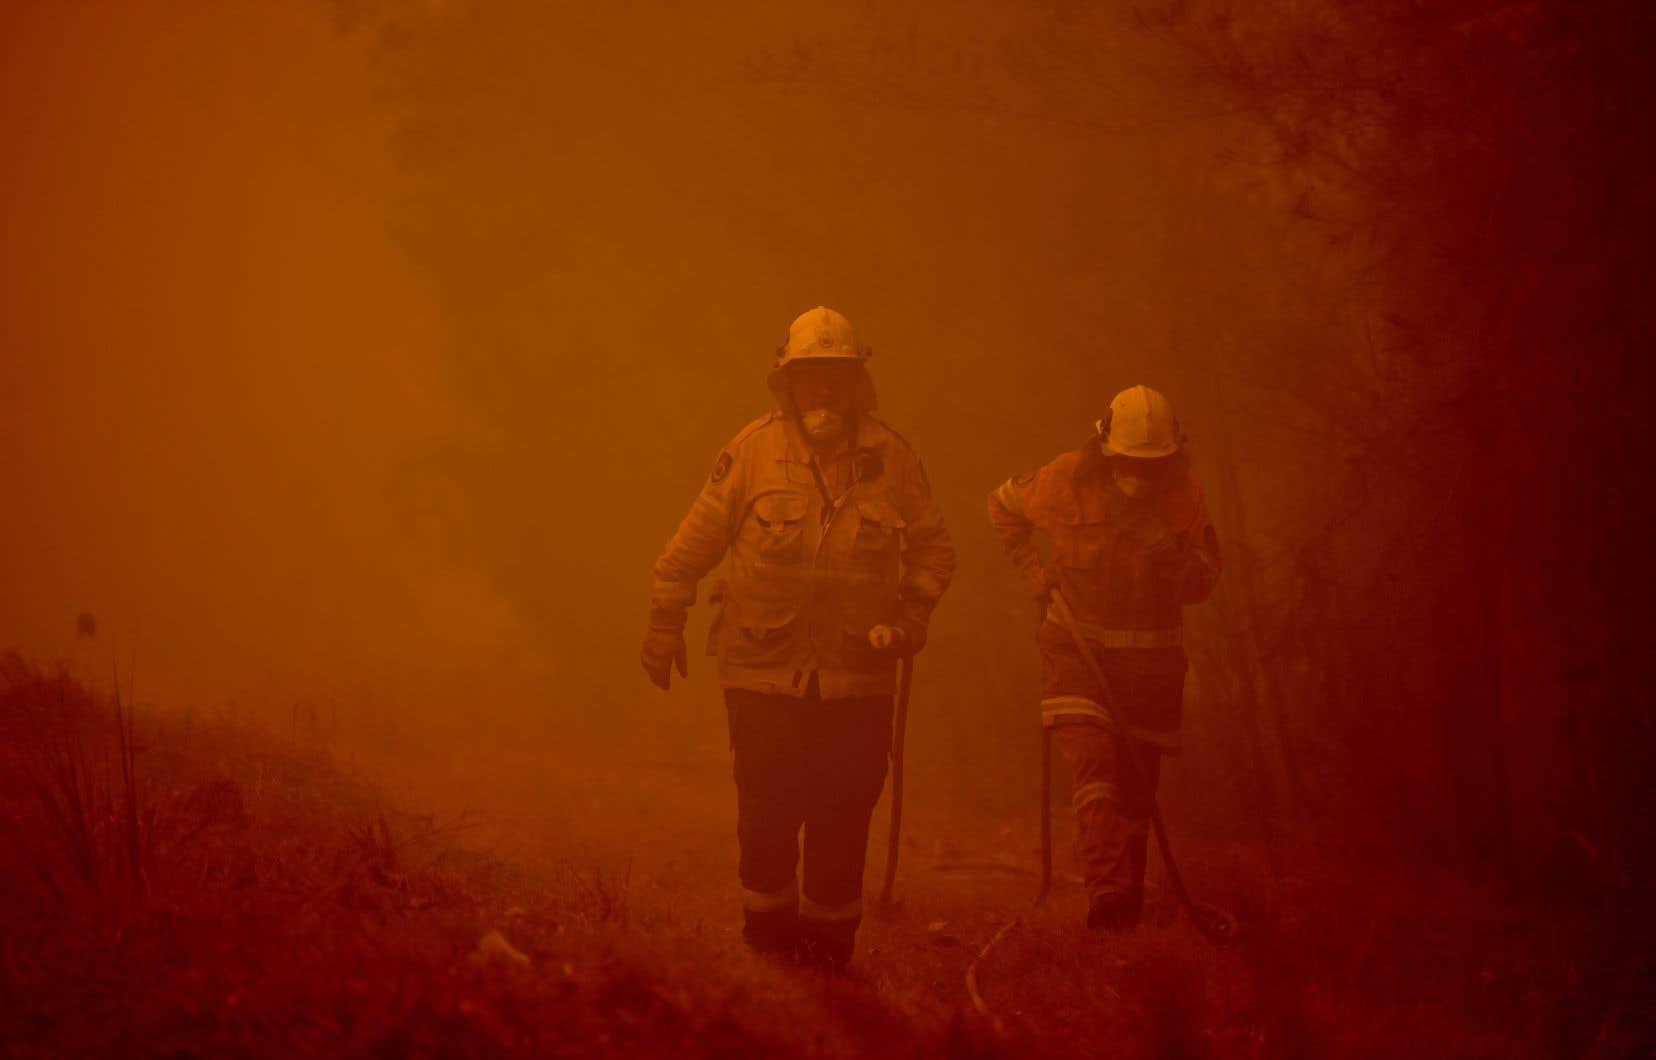 Le premier ministre, Scott Morrison, a déclaré qu'il était «nécessaire» de lancer une commission d'enquête sur les incendies.